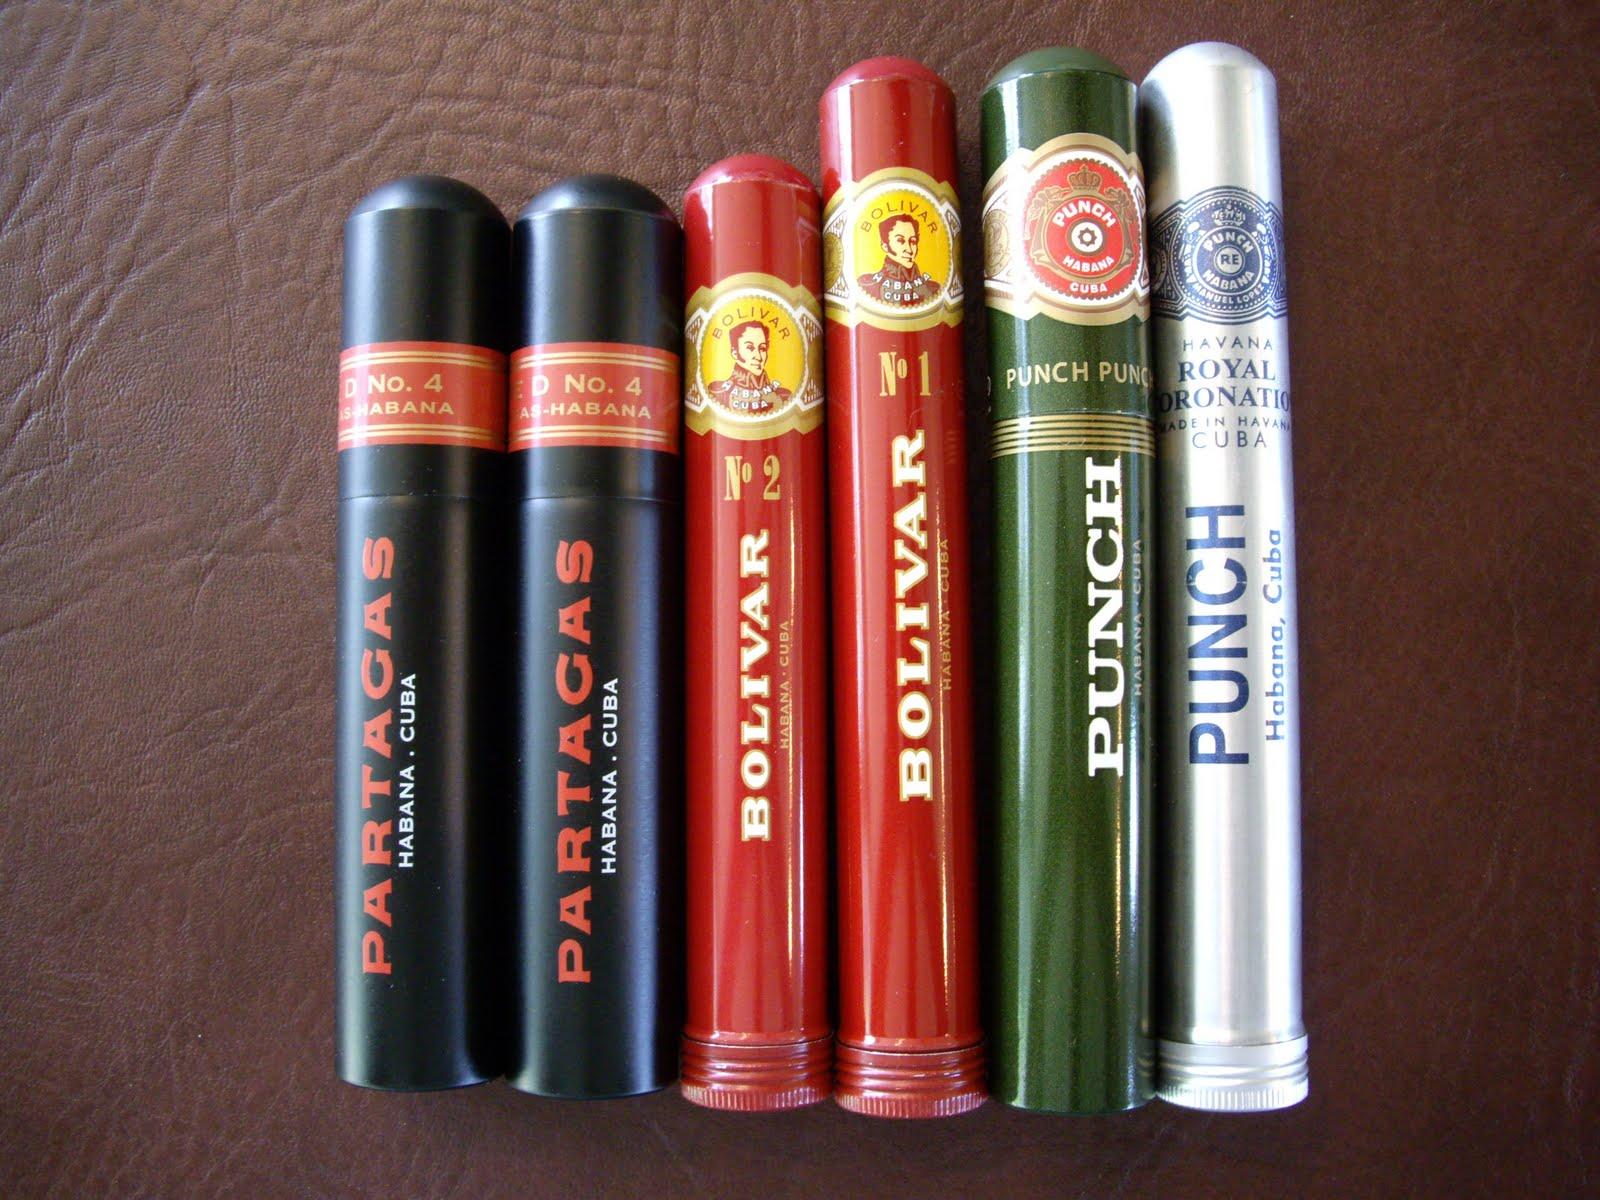 xì gà Punch Royal Coronation tubos